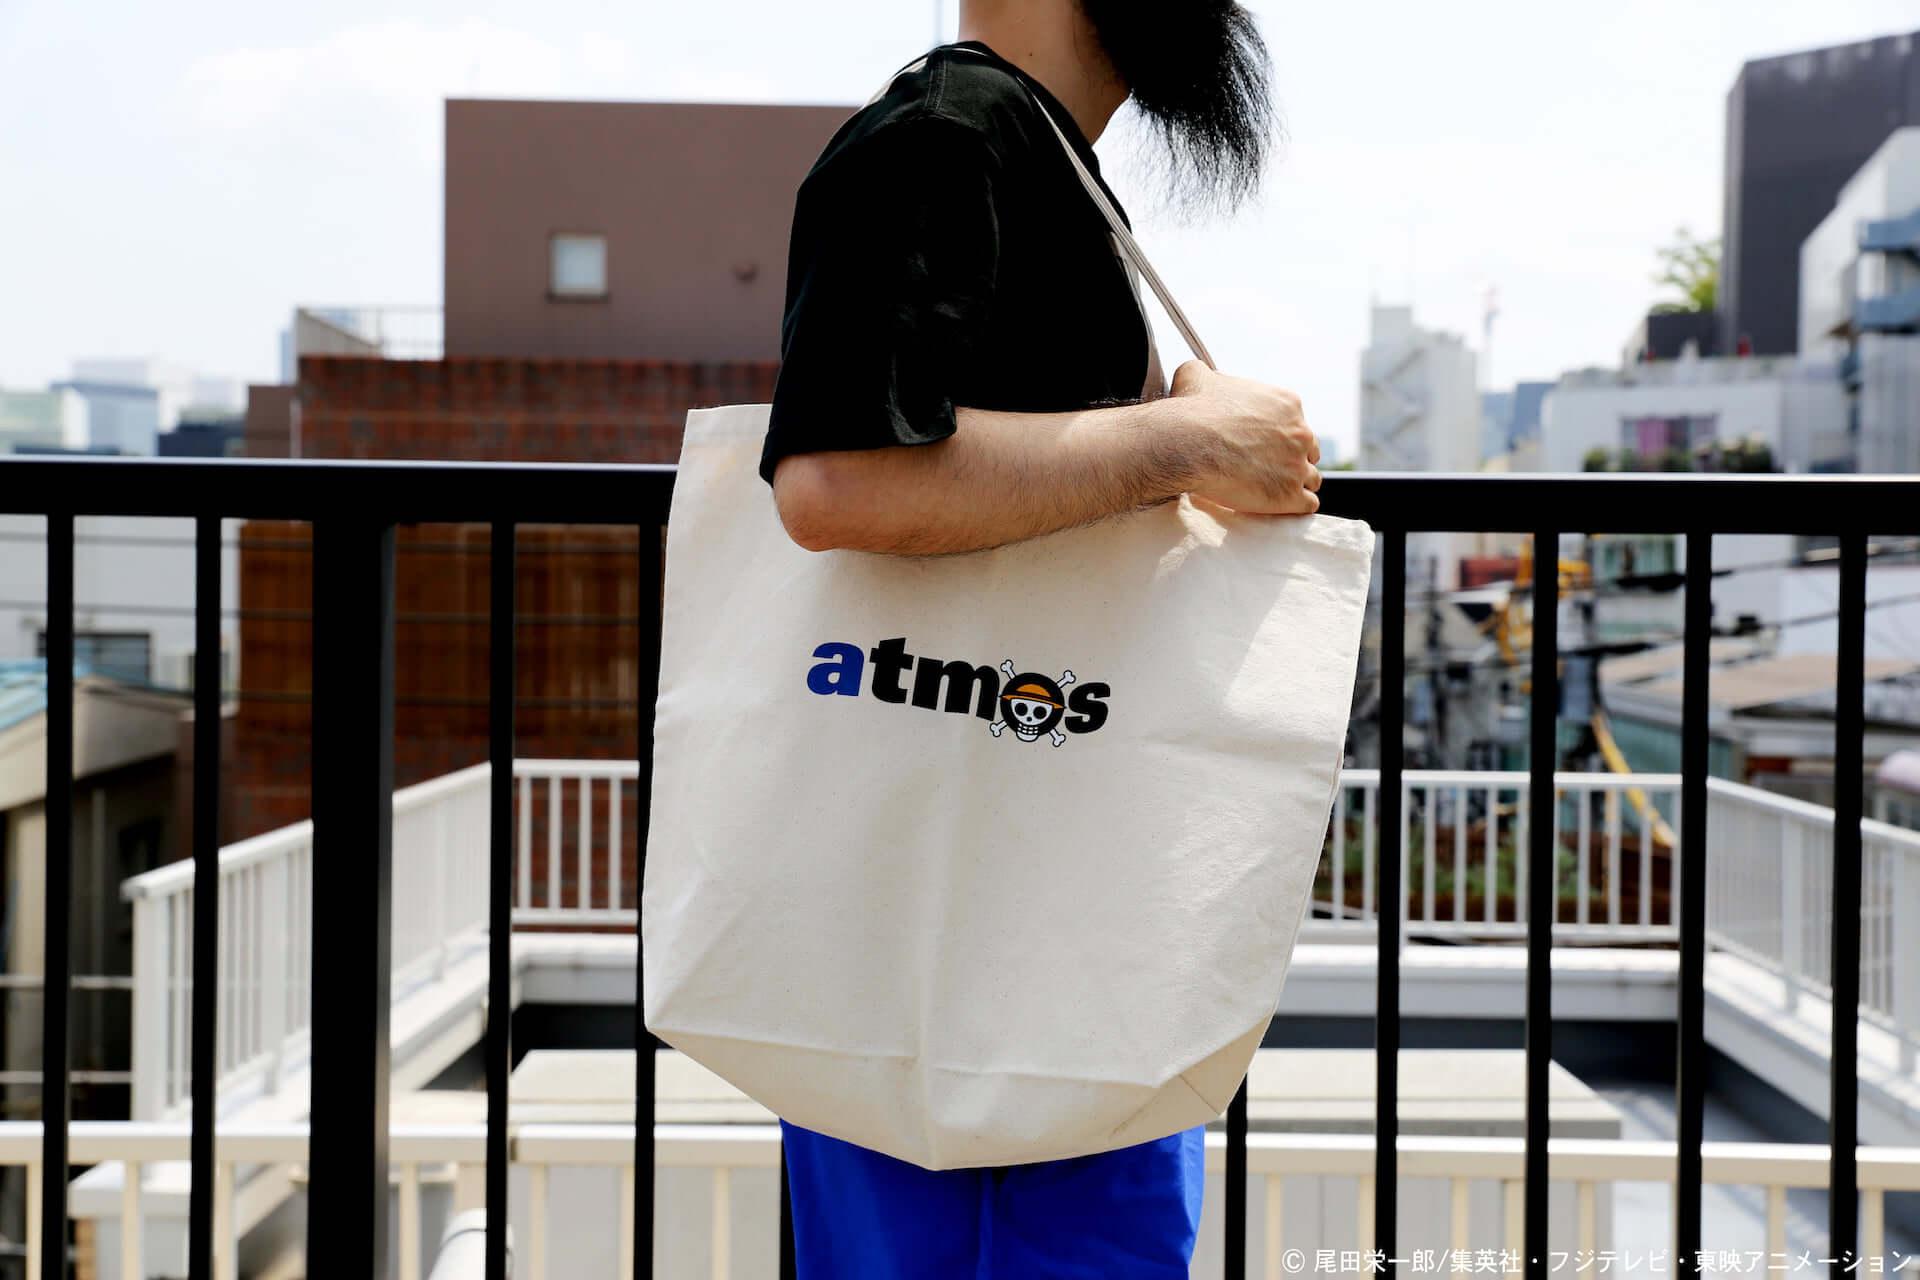 ルフィが手にするのはatmosのスニーカー!?atmos×『ONE PIECE』コラボアイテムが登場 lifefashion190802onepiece-atmos_8-1920x1280